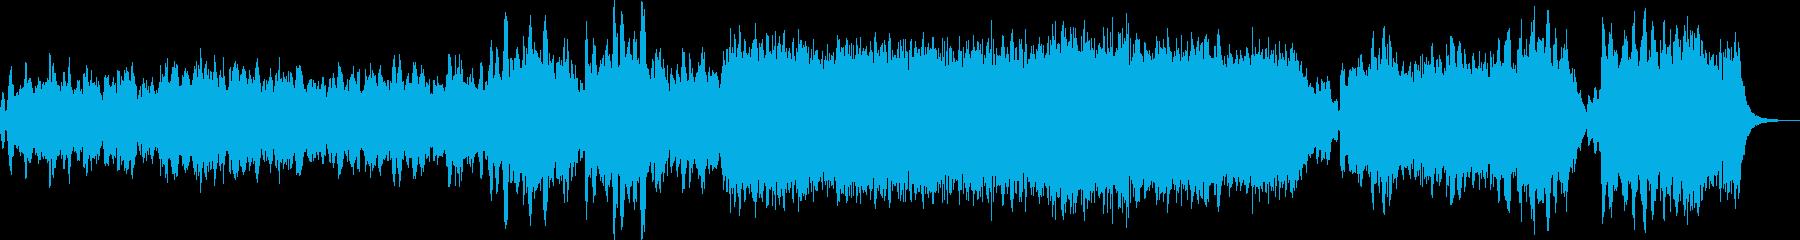 オーケストラによるクリスマスのイメージの再生済みの波形